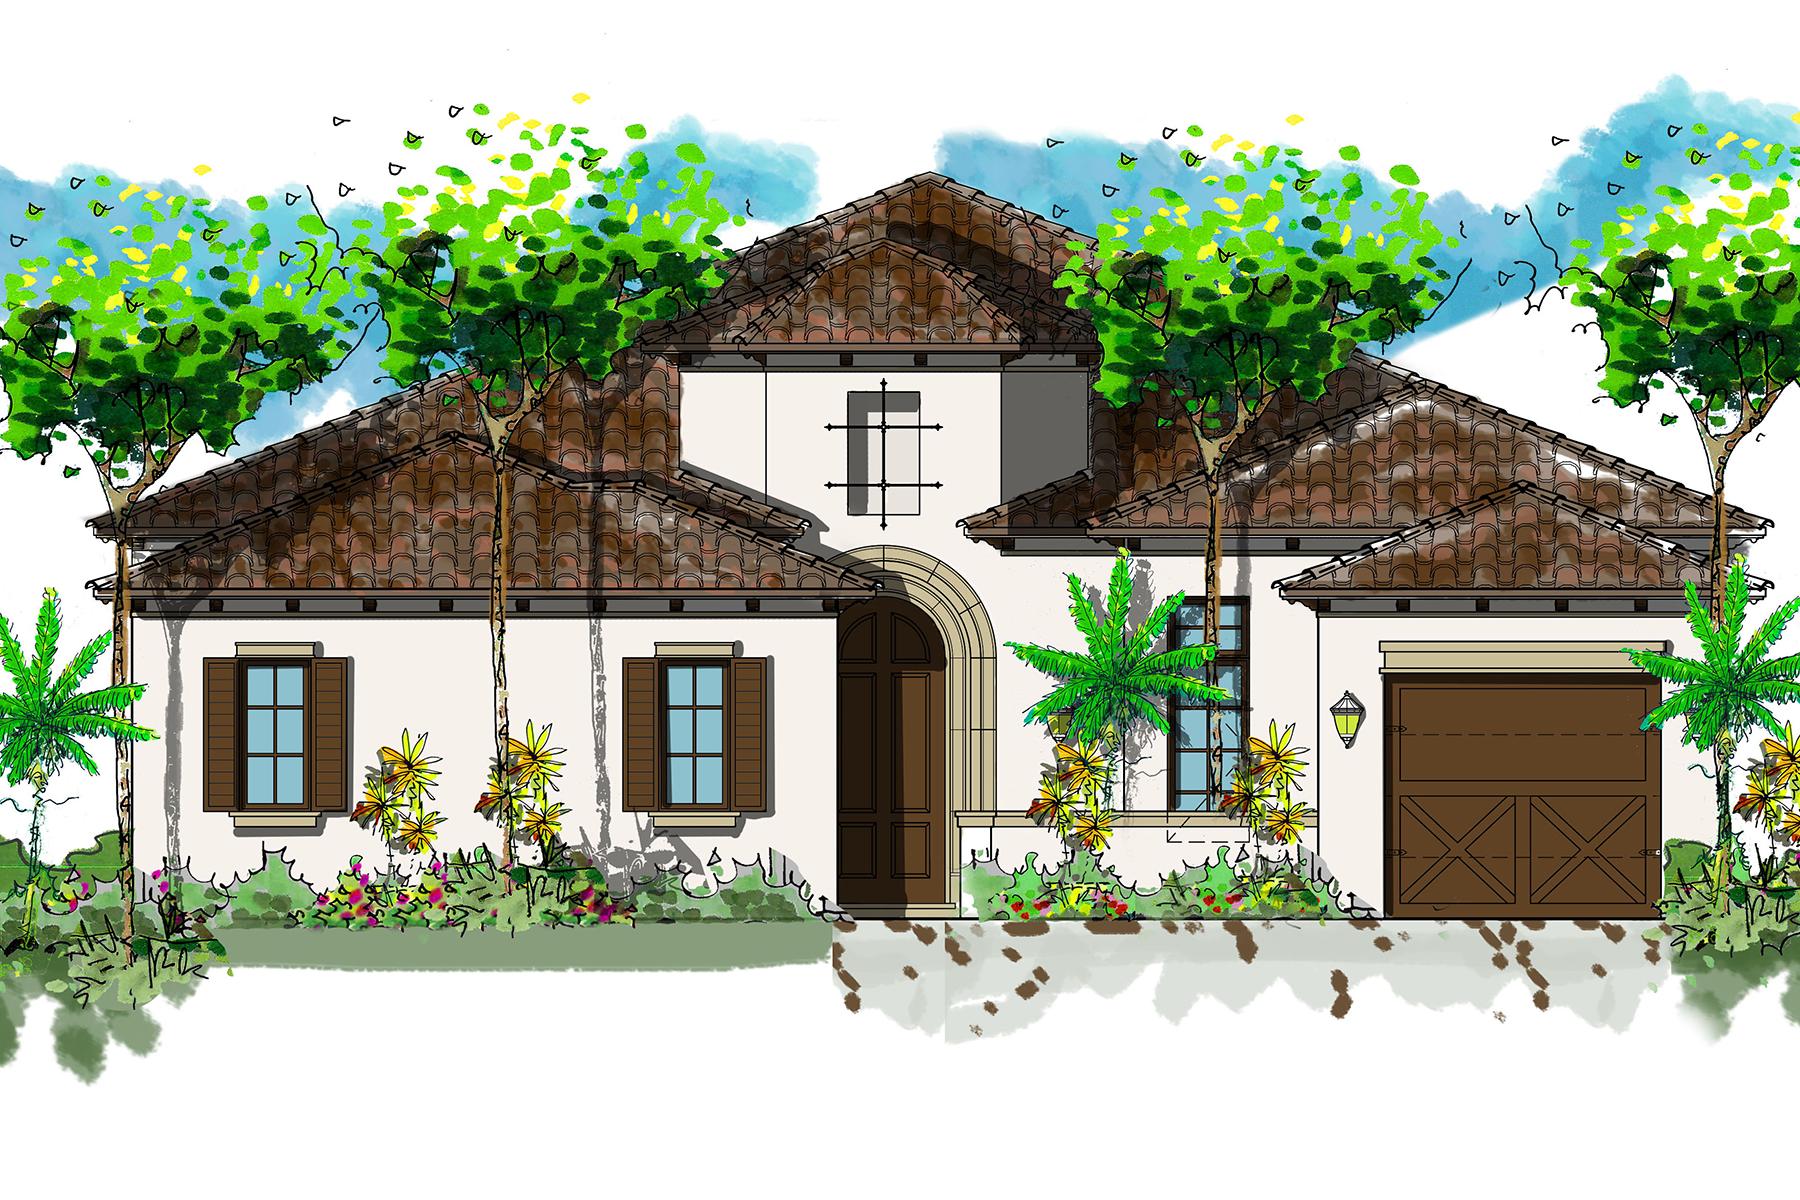 独户住宅 为 销售 在 1342 Noble Heron Way , Naples, FL 34105 1342 Noble Heron Way 那不勒斯, 佛罗里达州, 34105 美国